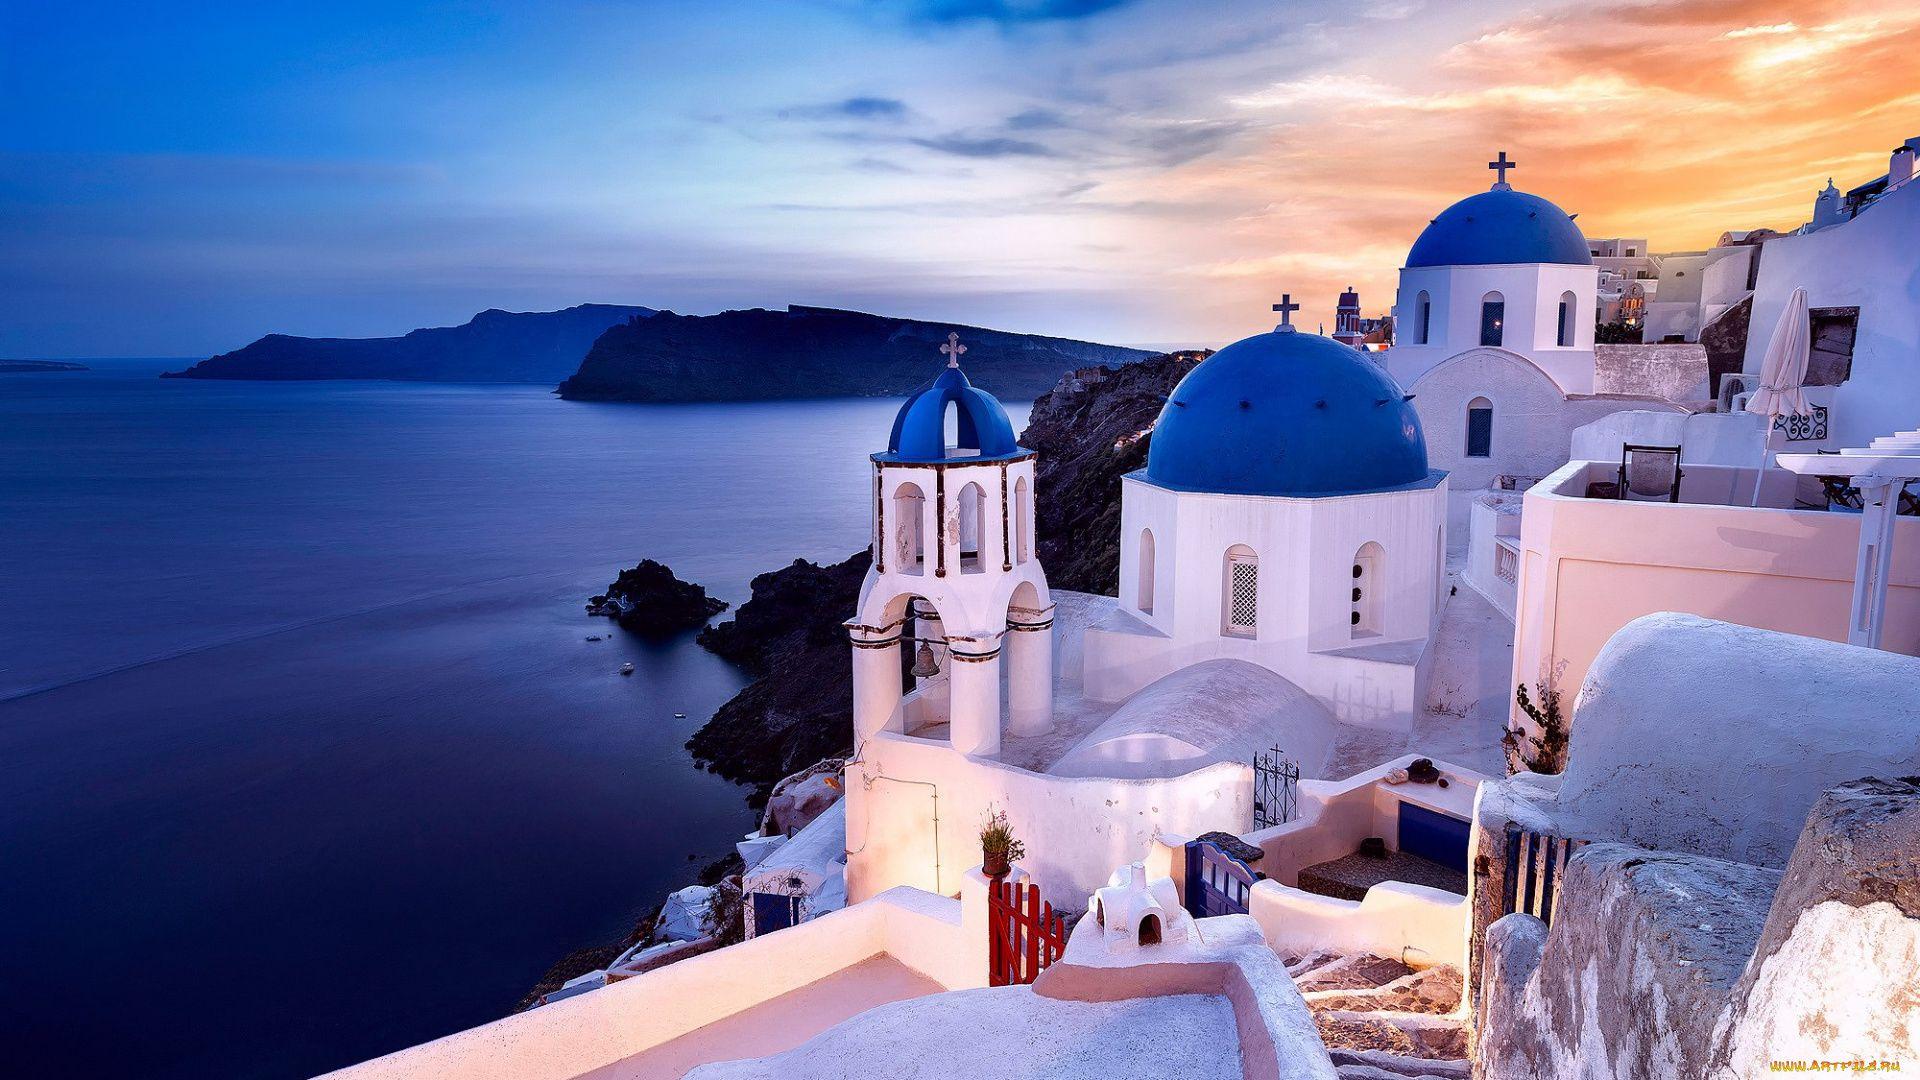 Santorini download wallpaper image